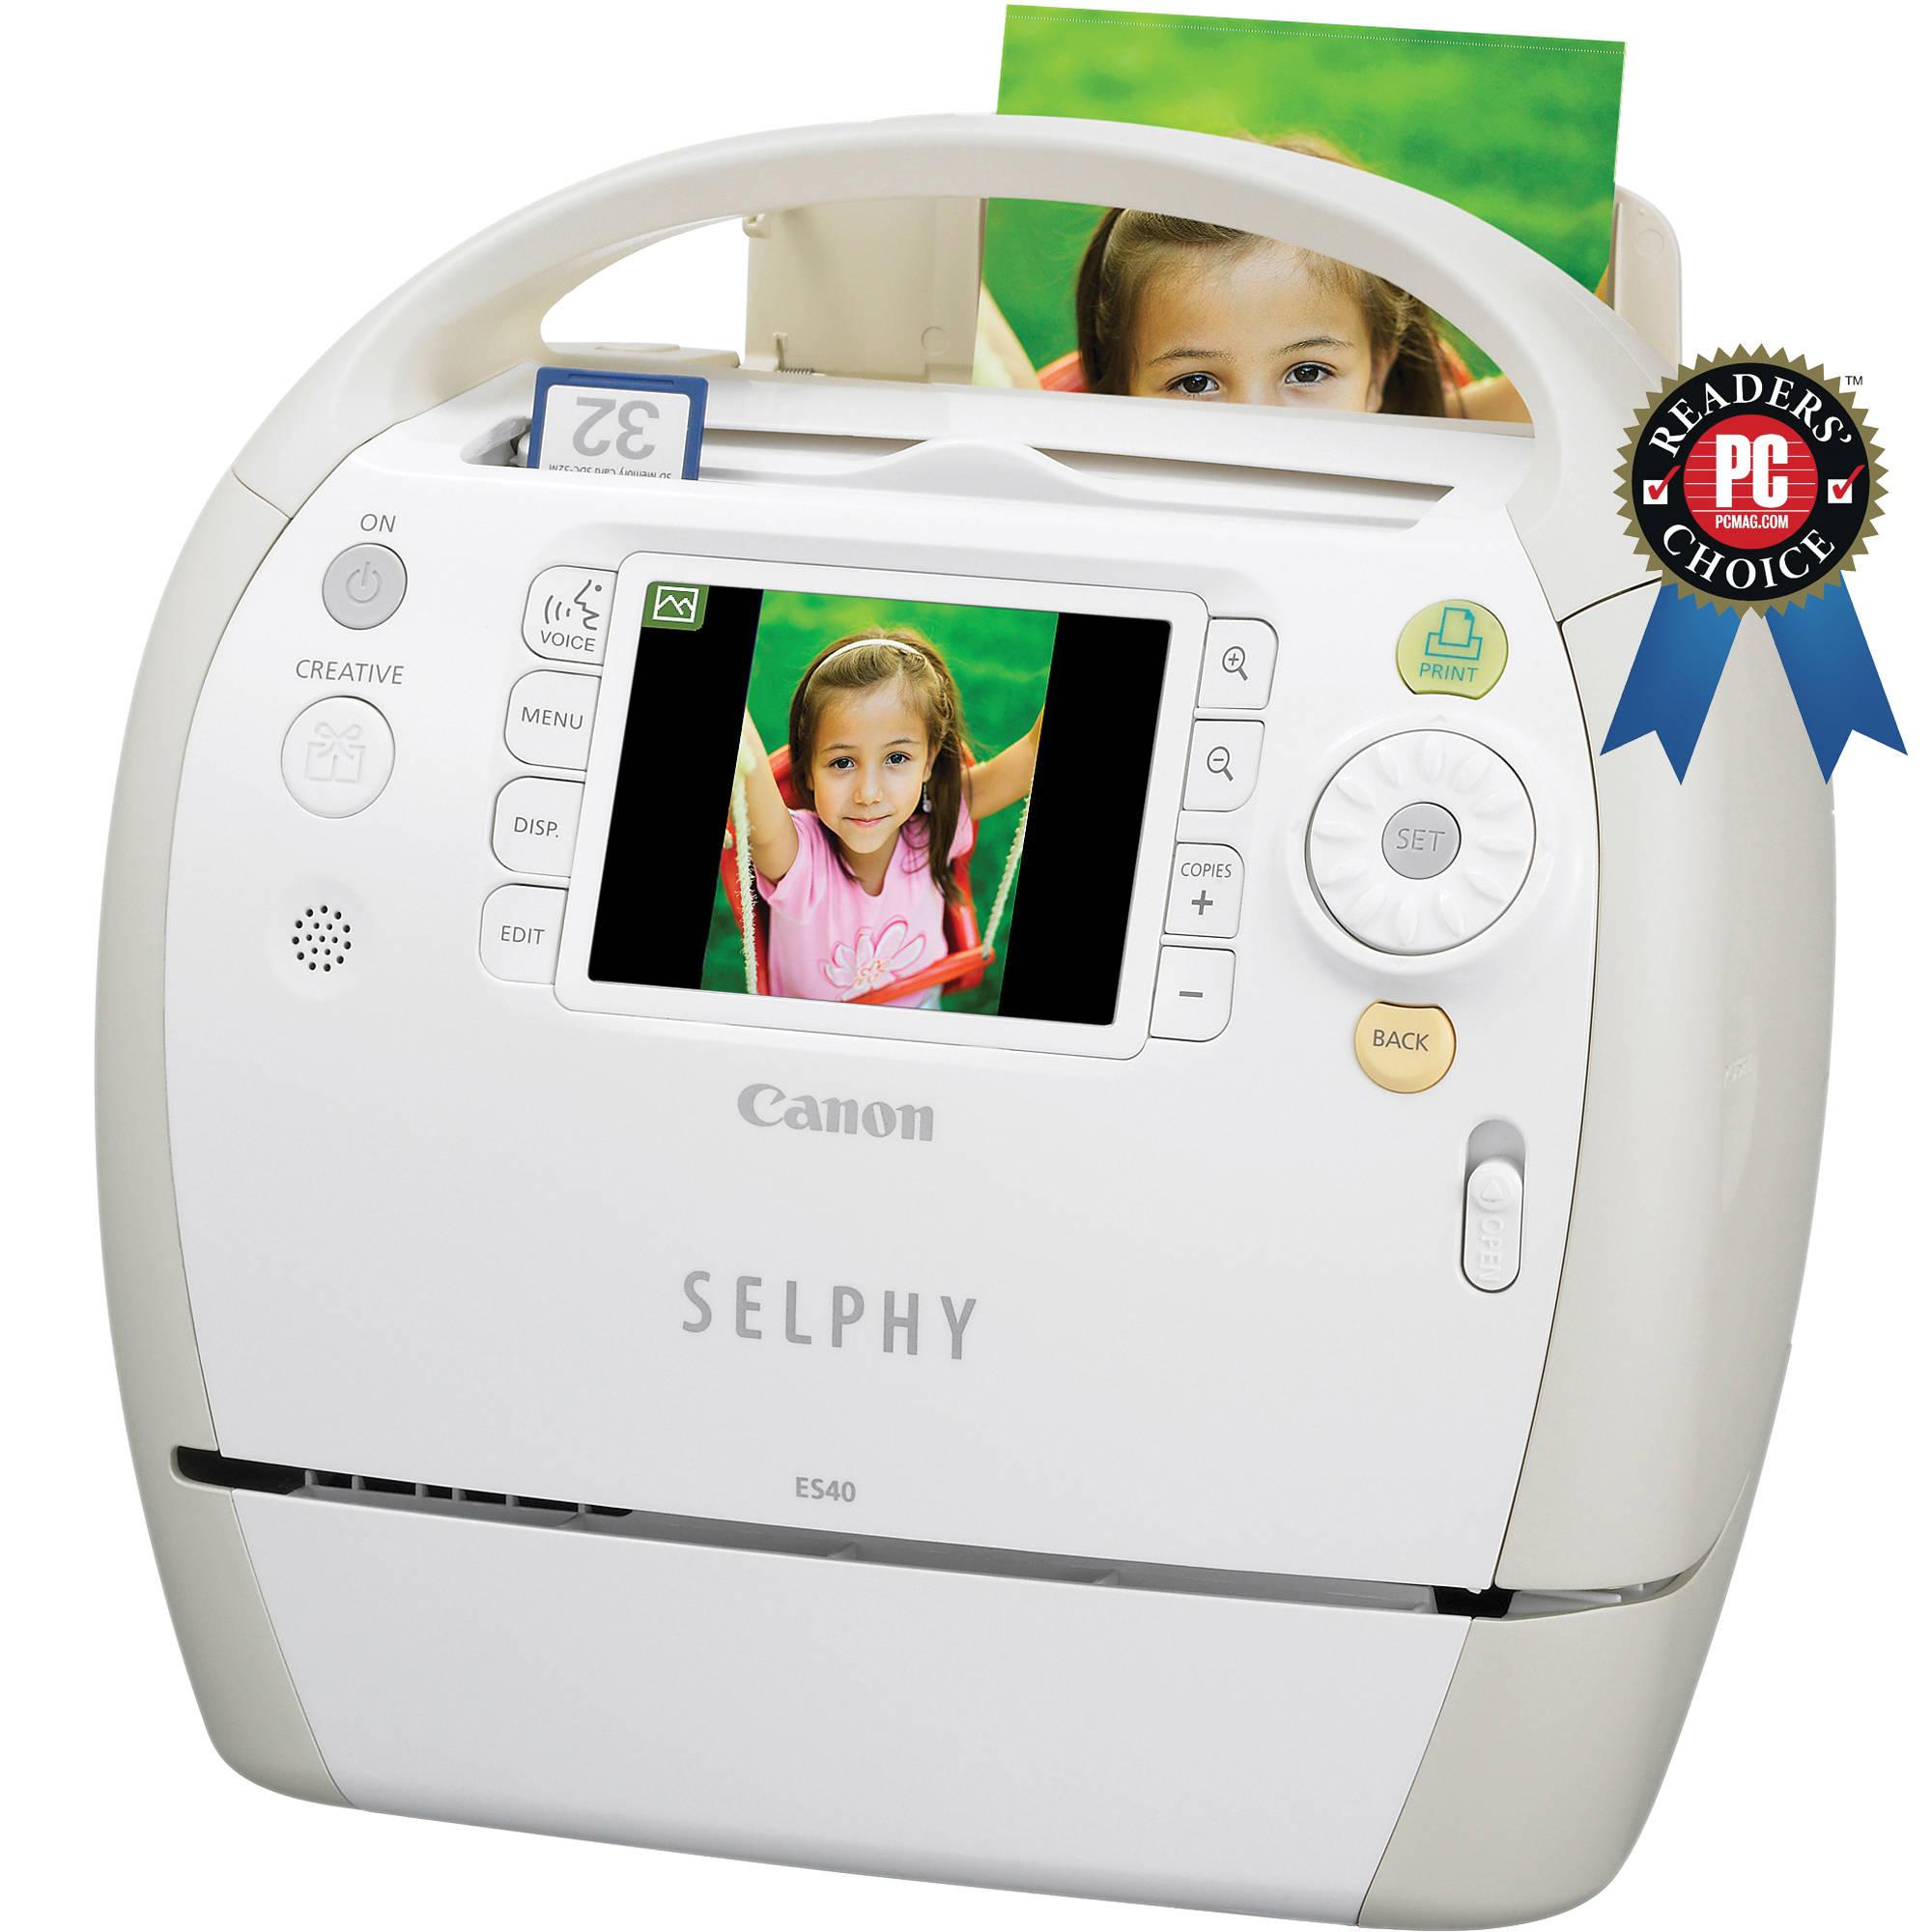 Canon Selphy ES40 Compact Photo Printer 3647B001 BampH Photo